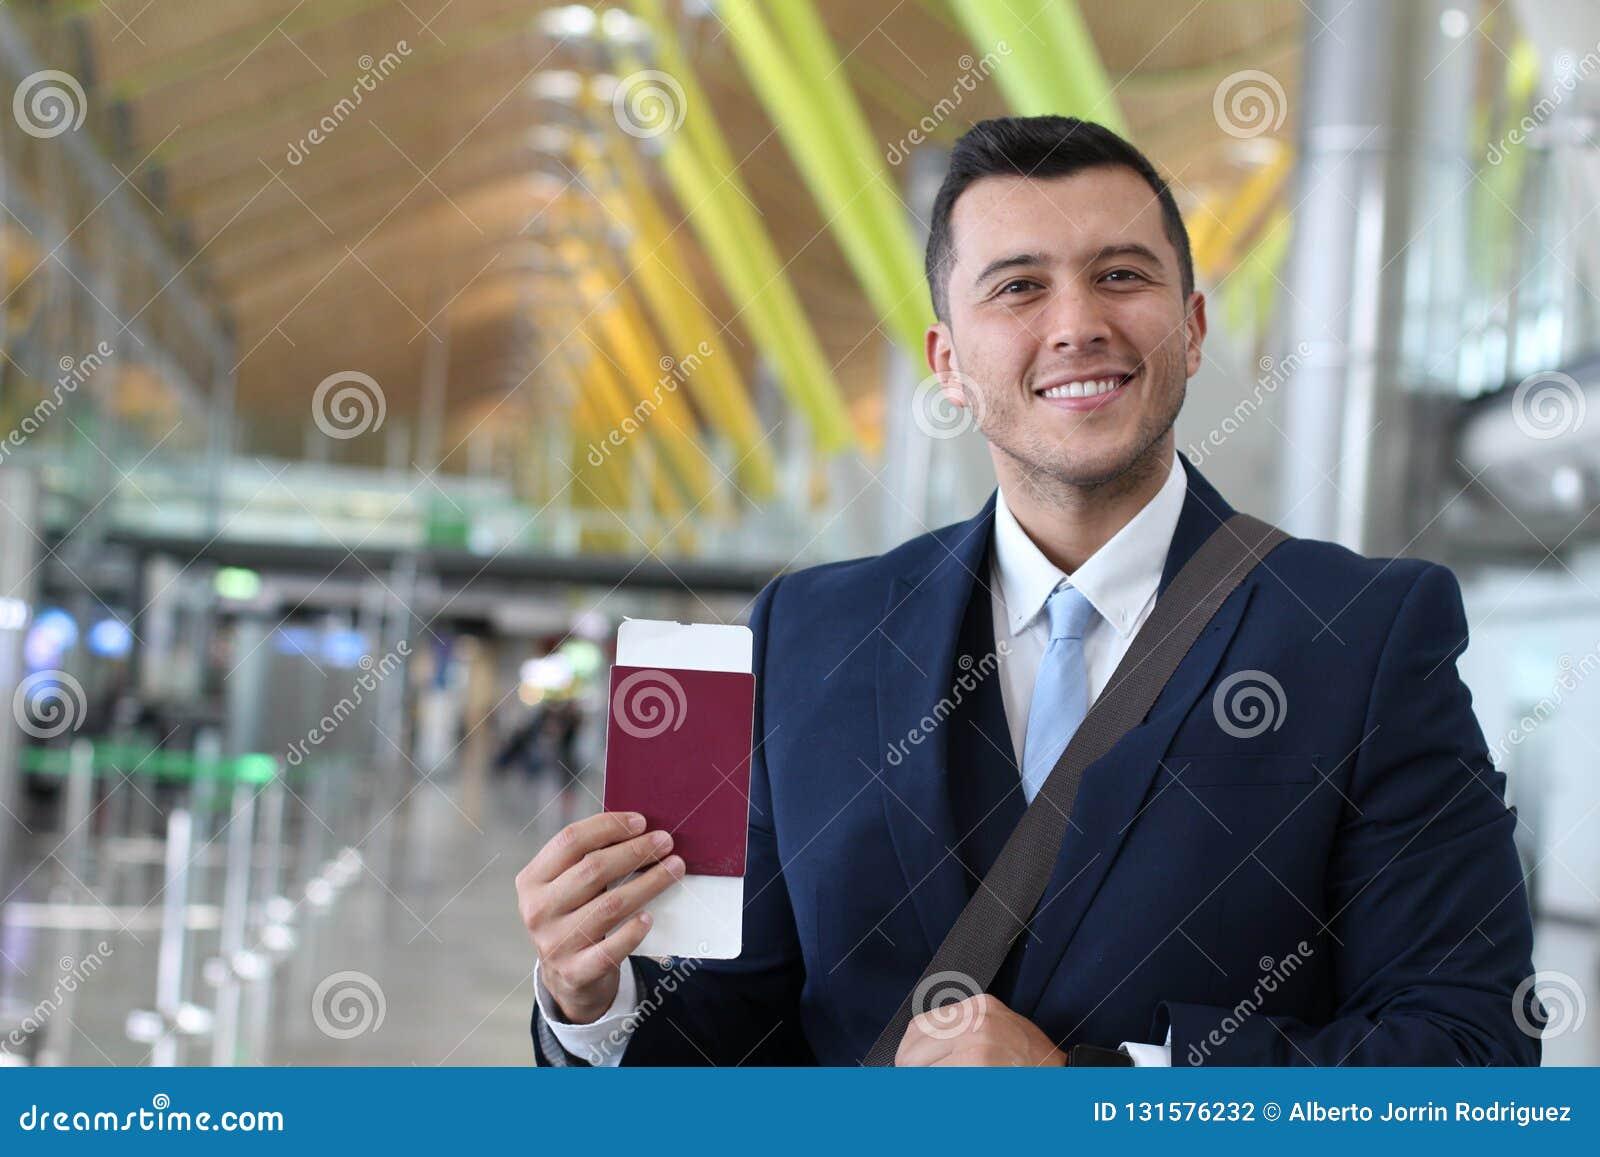 Homme d affaires étranger heureux avec son permis de travail juridique